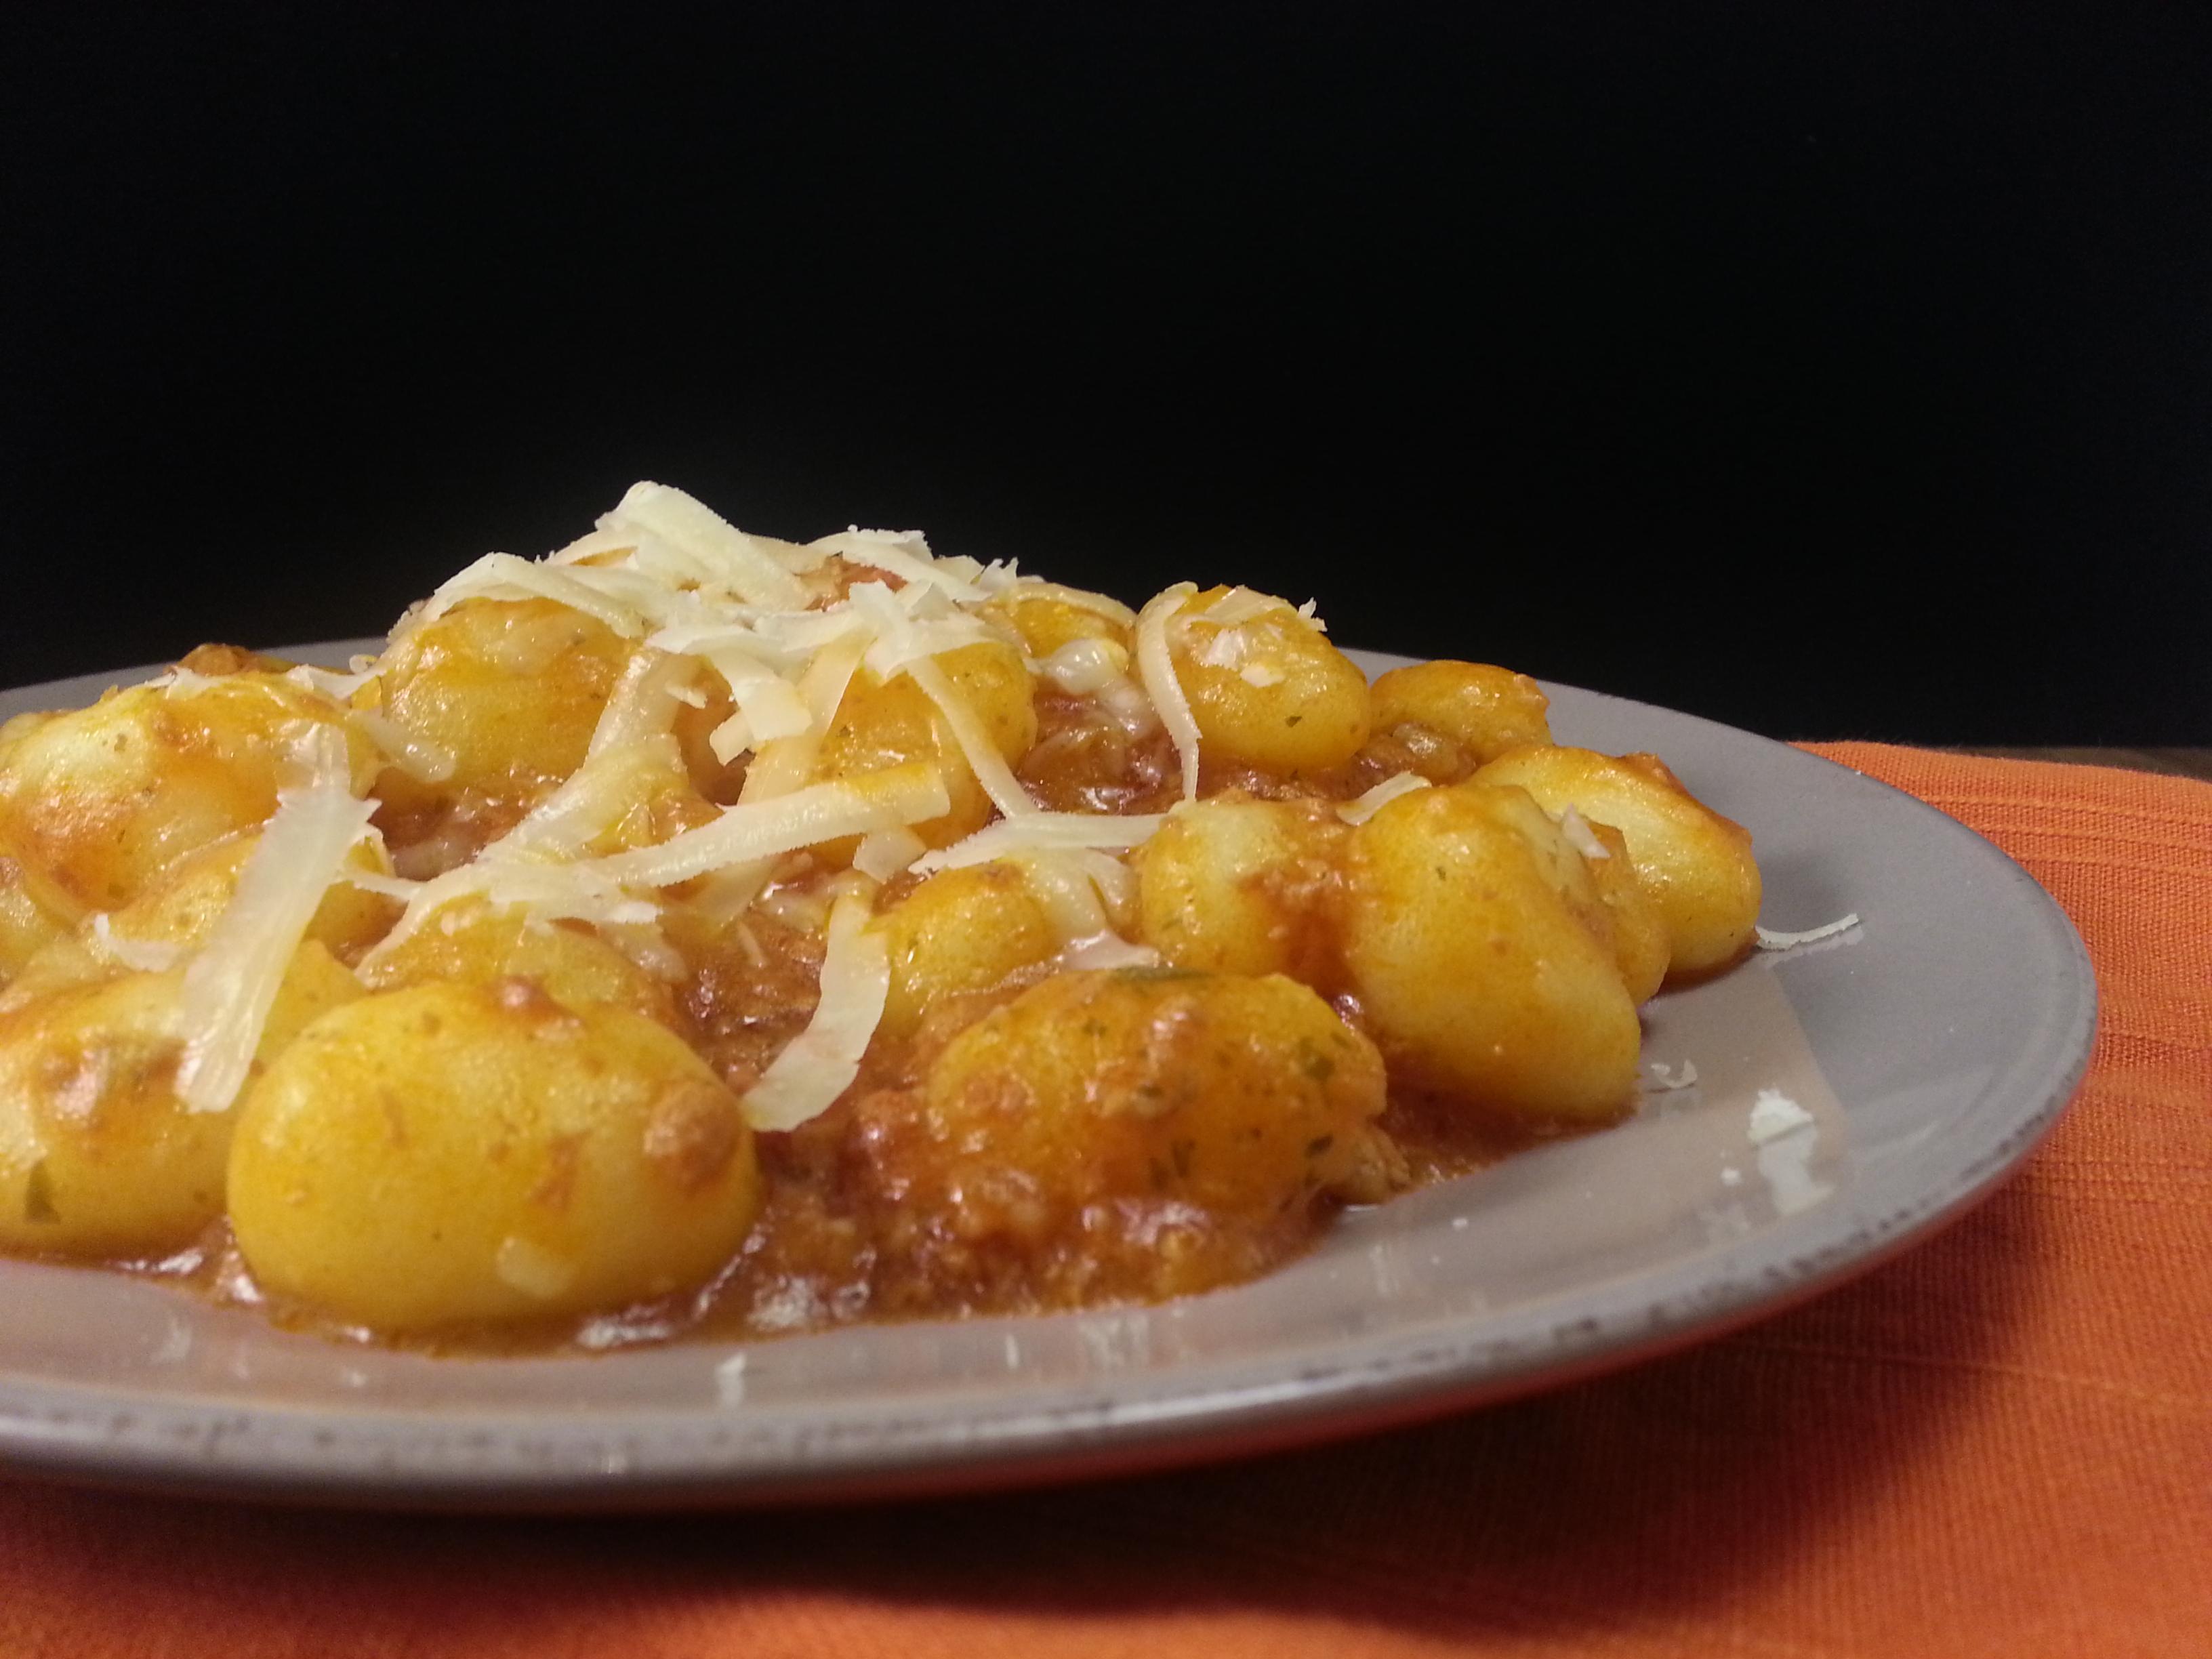 Ricetta Gnocchi Con Ricotta Salata.Gnocchi Con Salsicce Pomodoro E Ricotta Salata